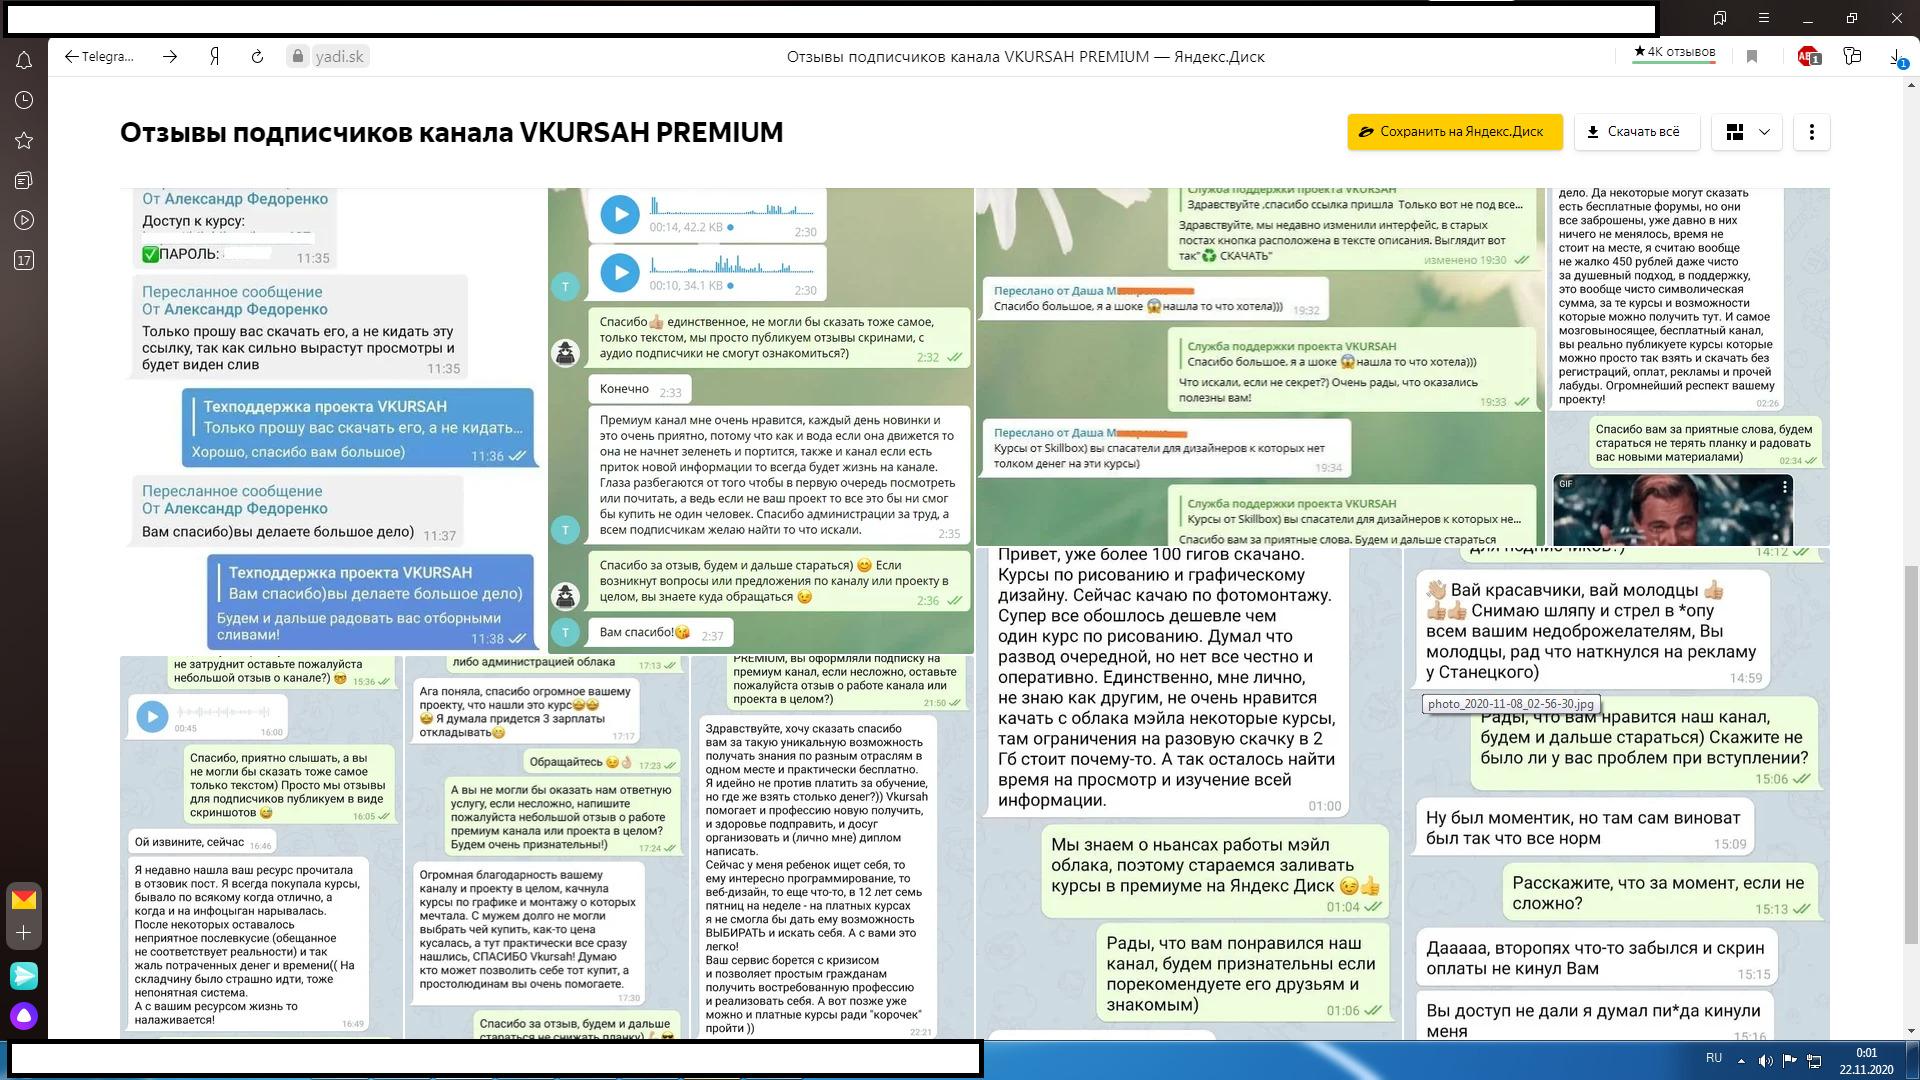 Отзывы о Vkurssah